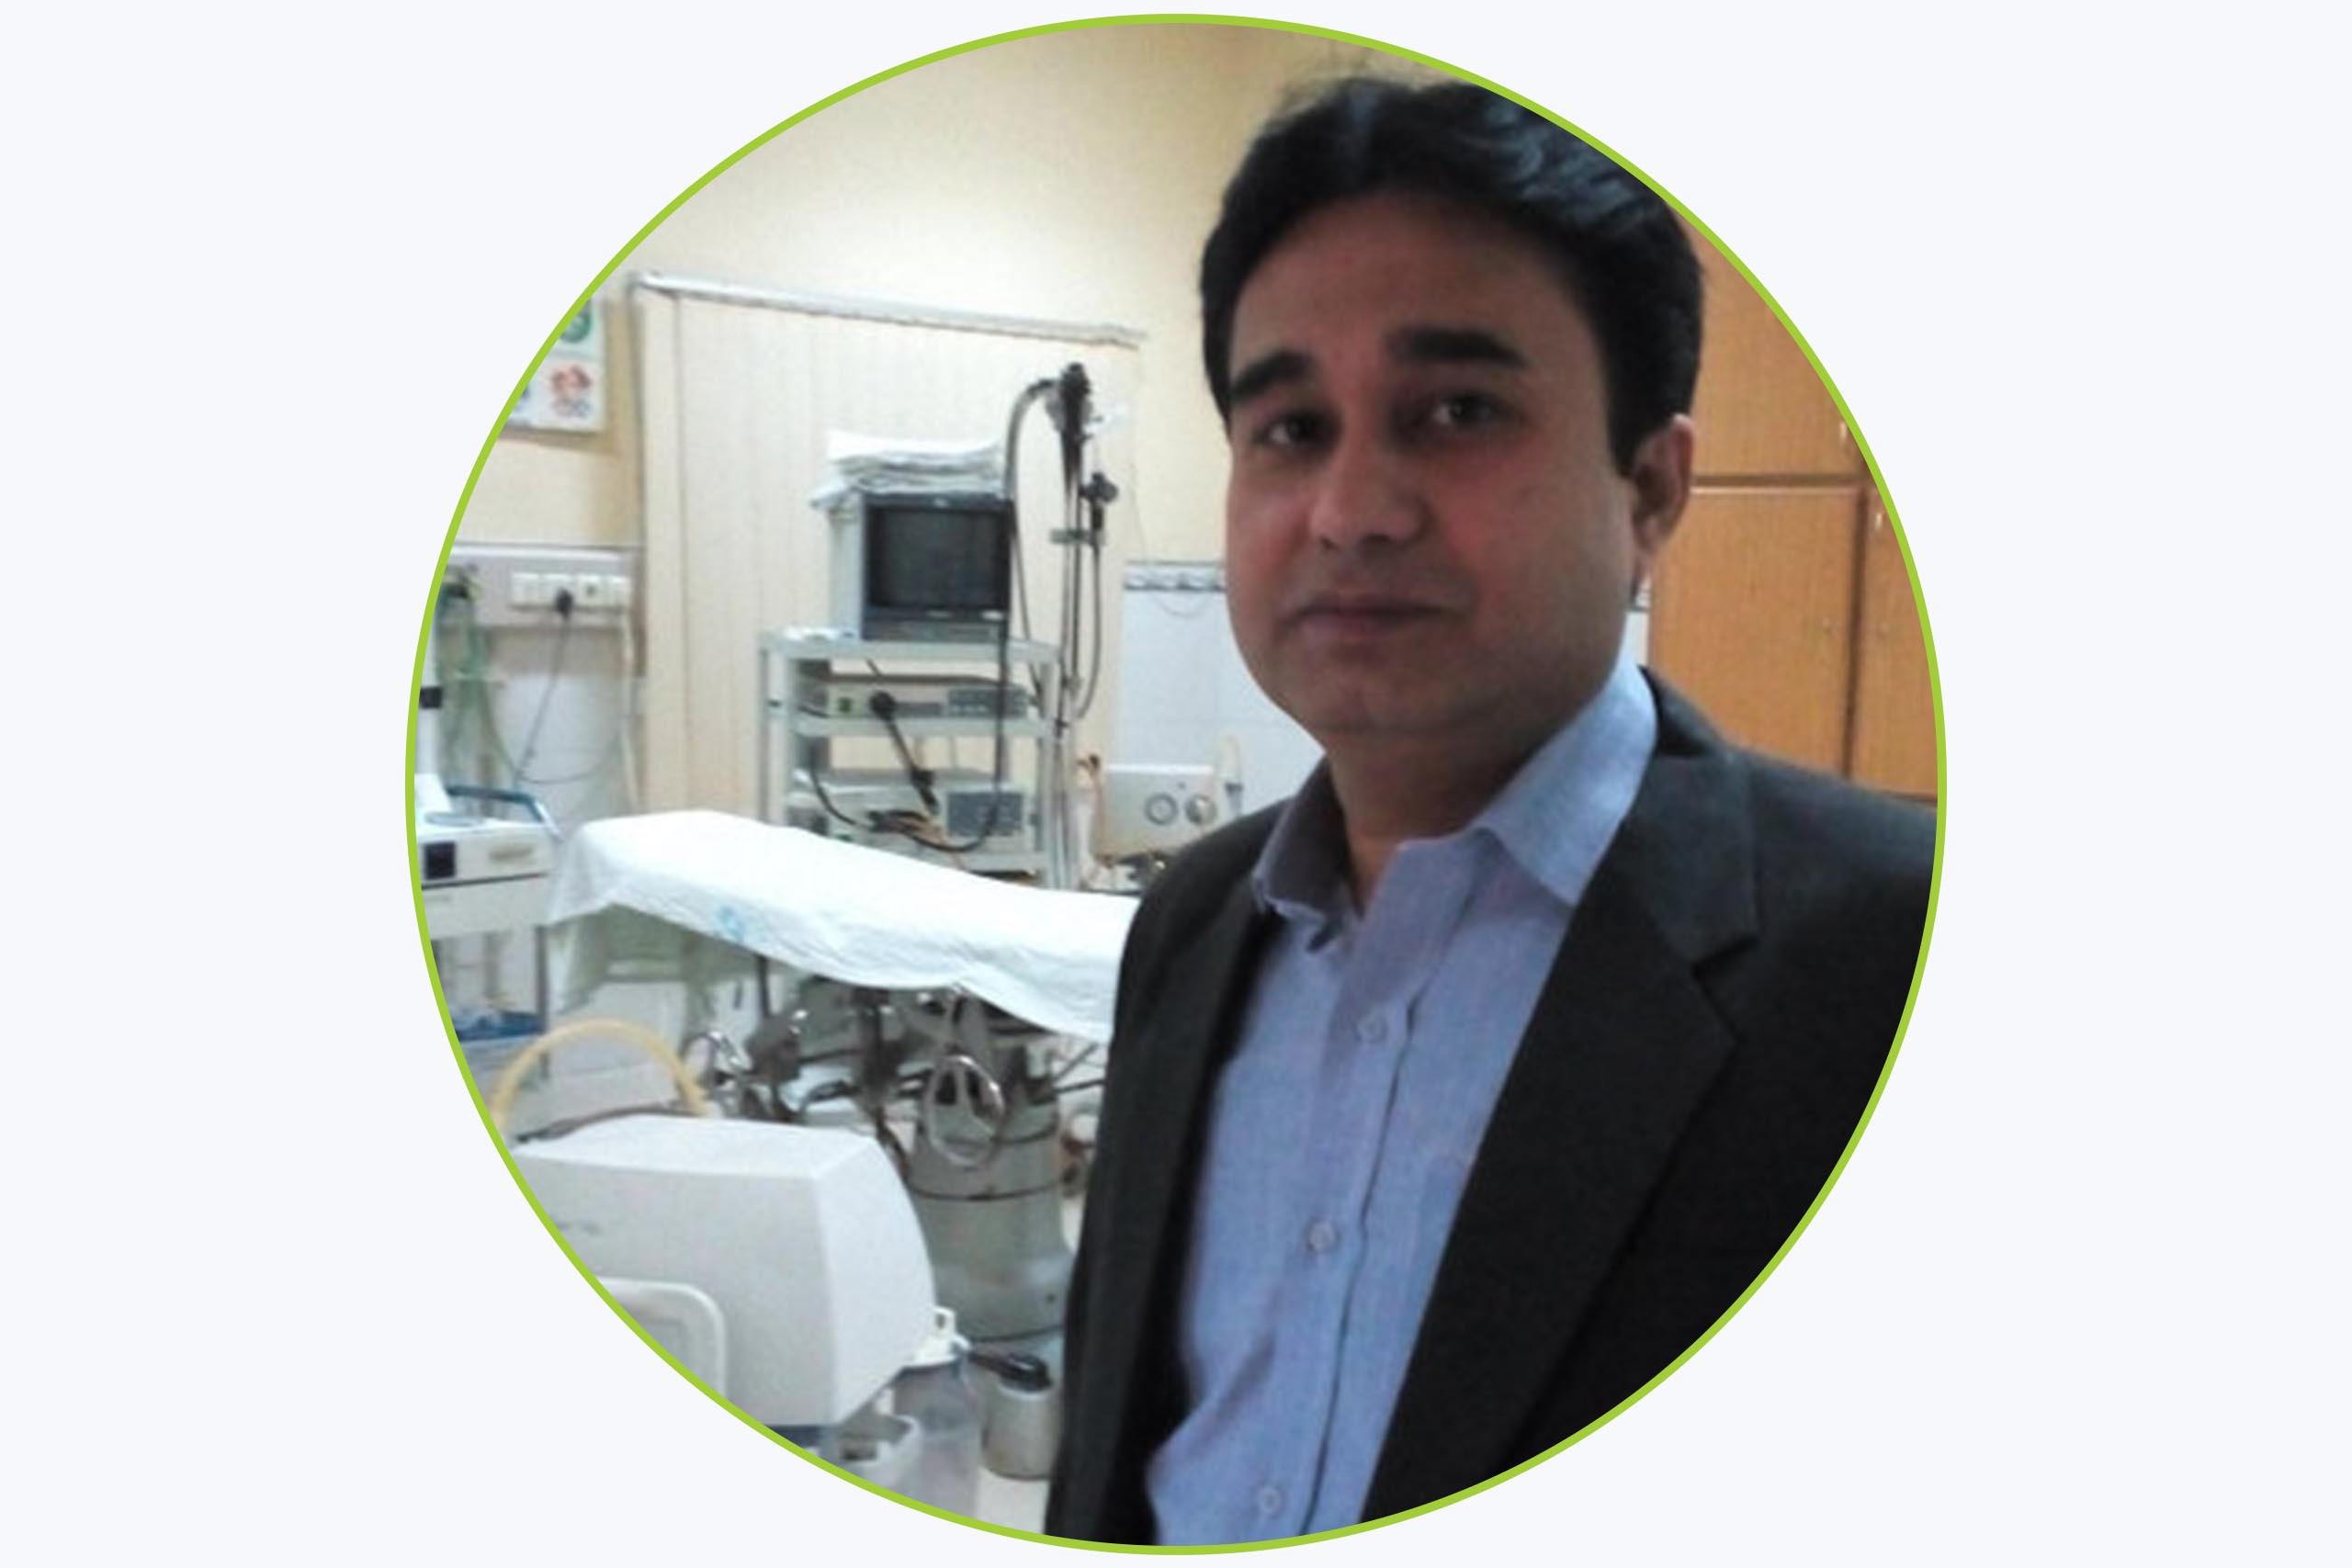 Dr. Arit Parkash